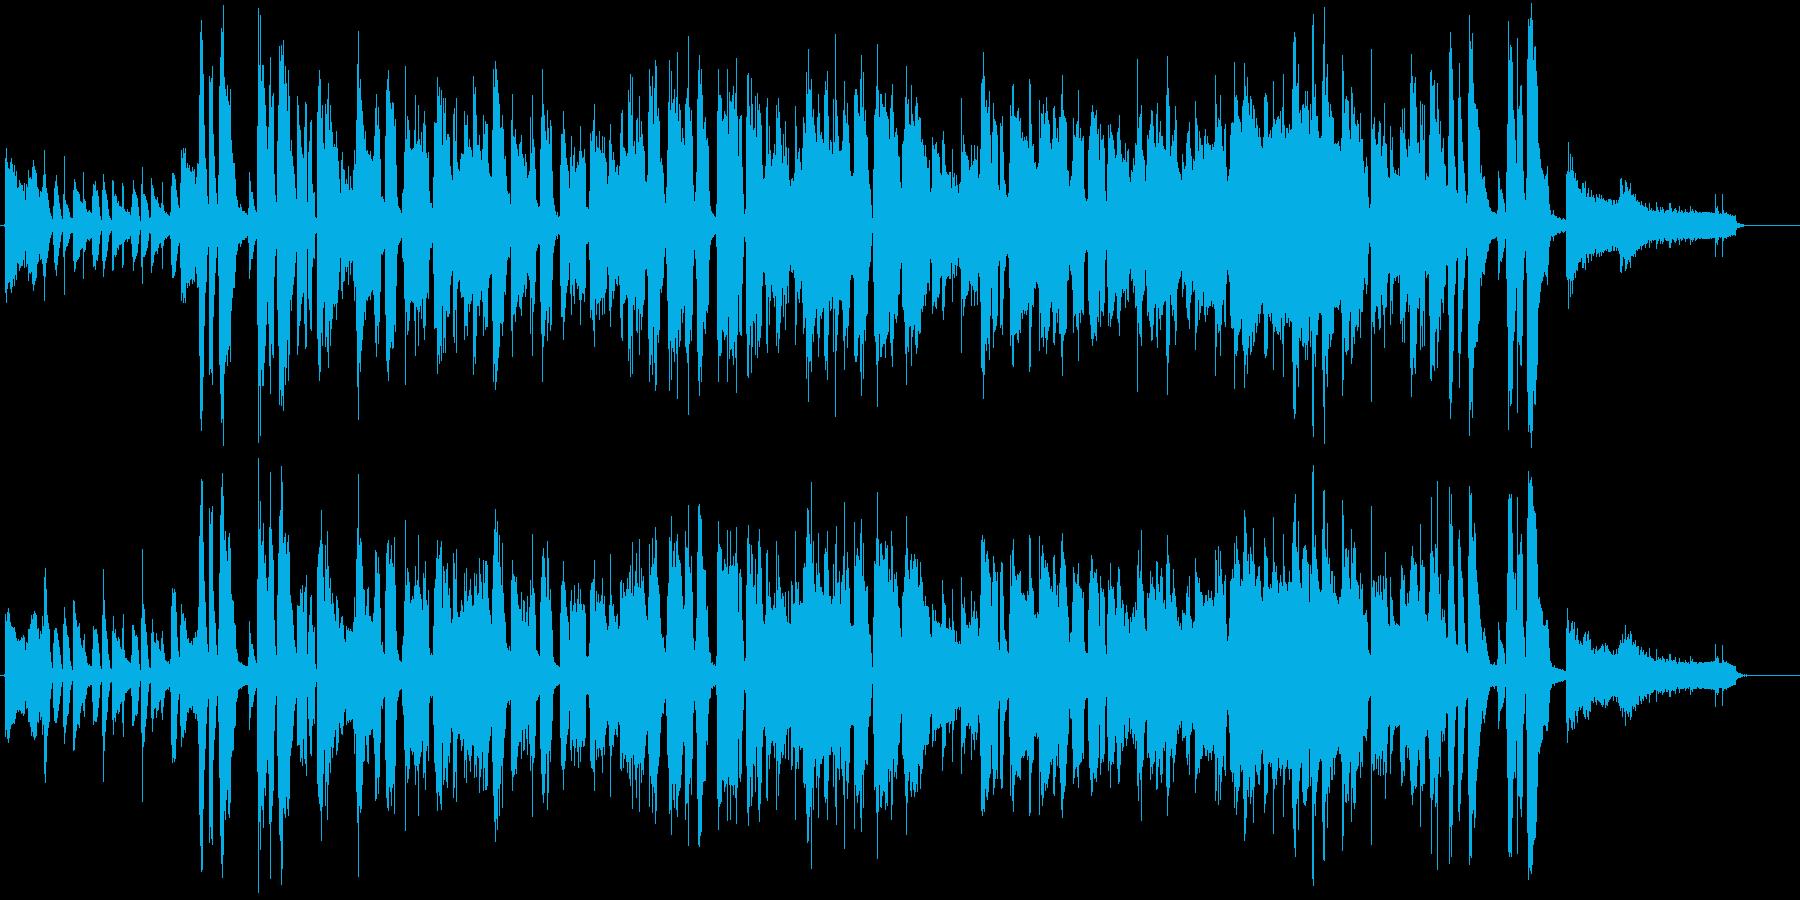 かぼちゃをテーマにした楽曲の再生済みの波形